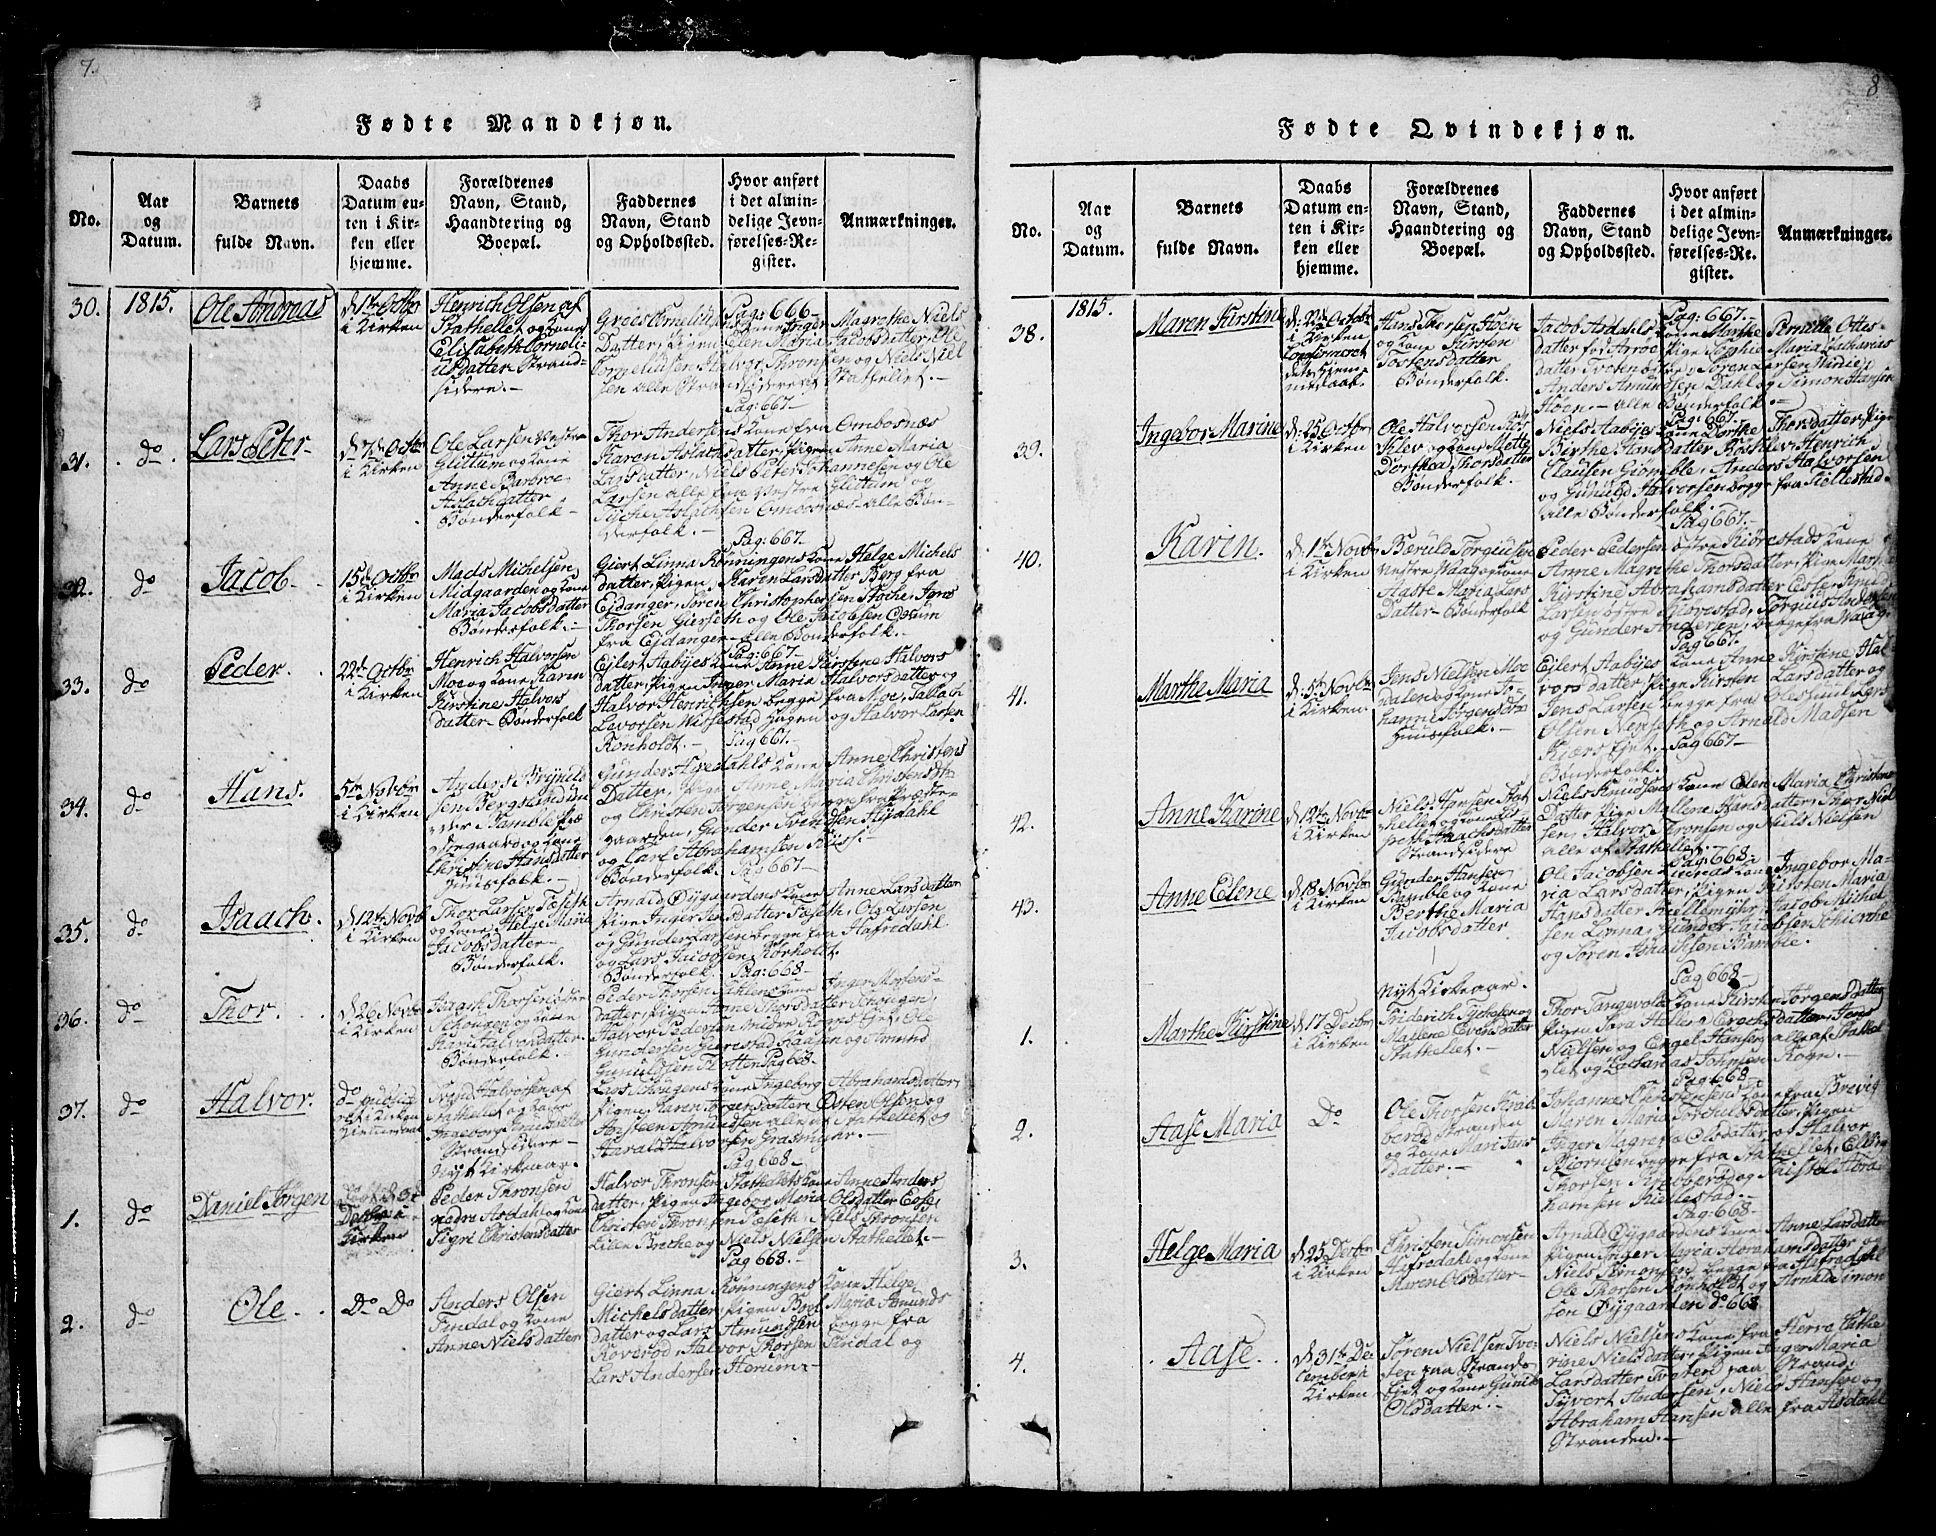 SAKO, Bamble kirkebøker, G/Ga/L0005: Klokkerbok nr. I 5, 1814-1855, s. 7-8